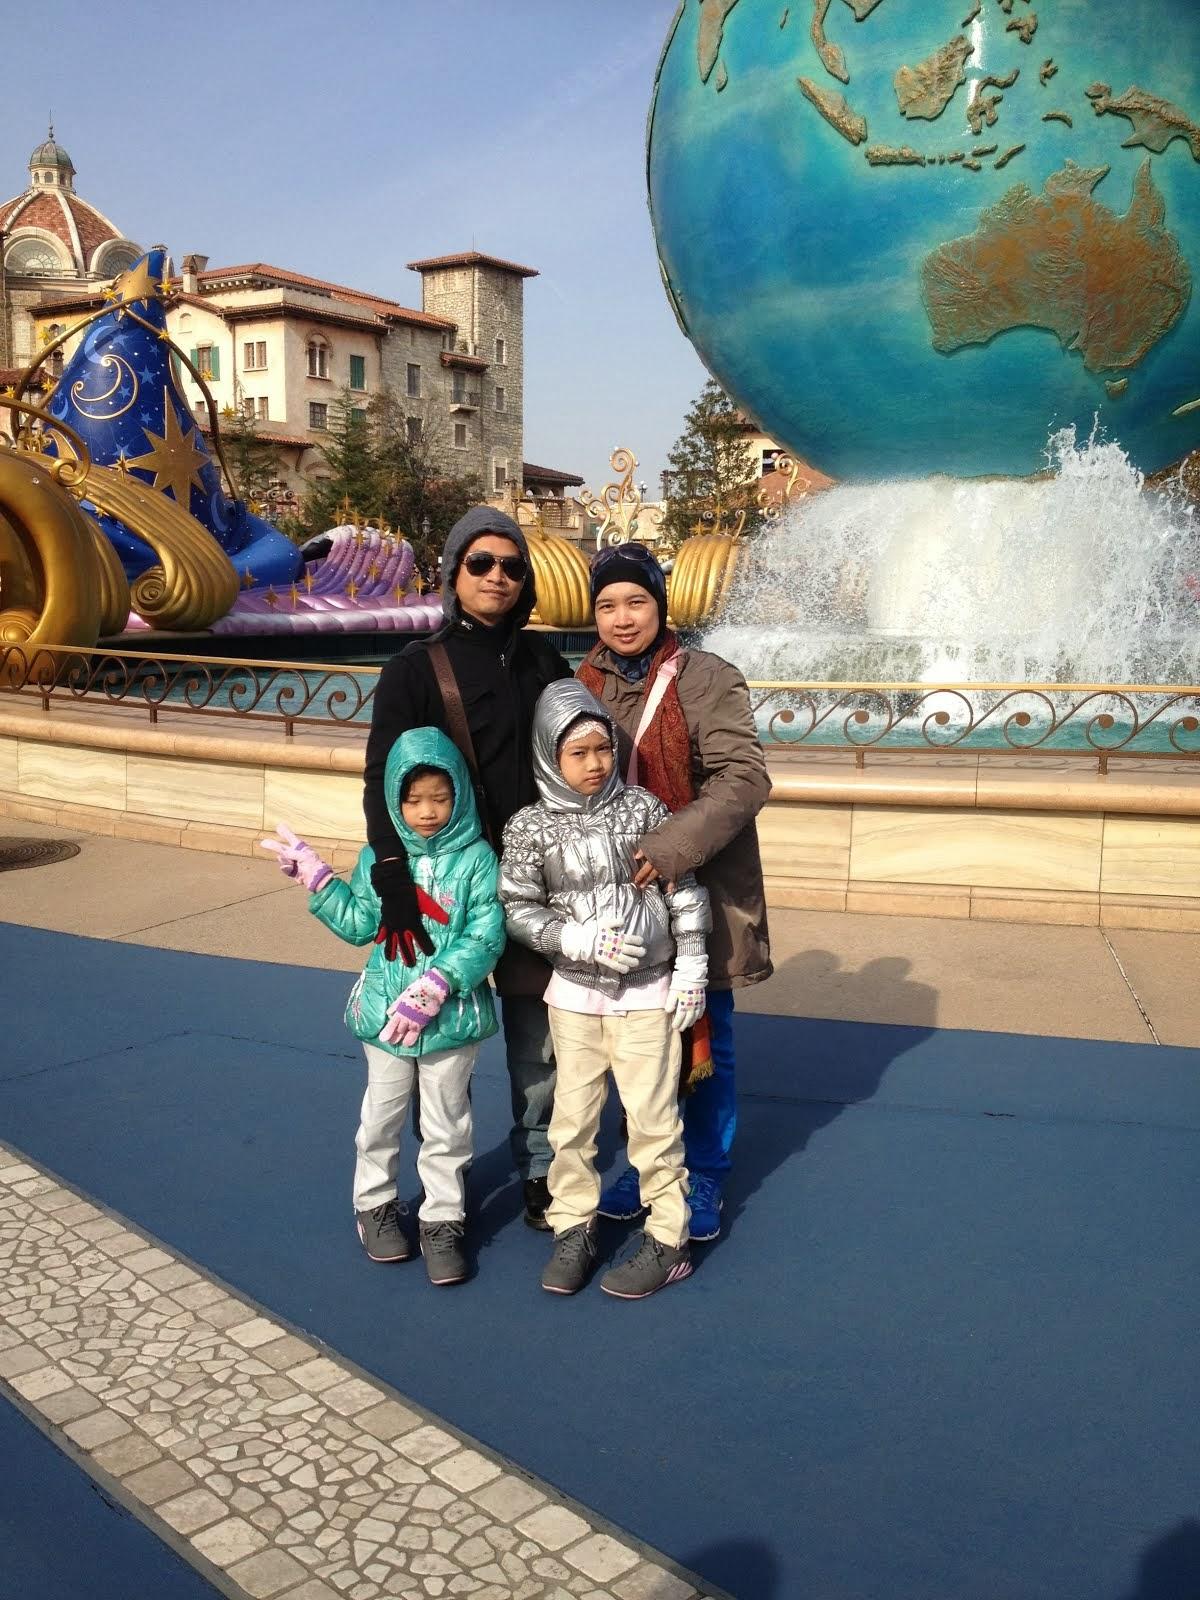 ~Holiday : Disneysea, Tokyo,Feb'14